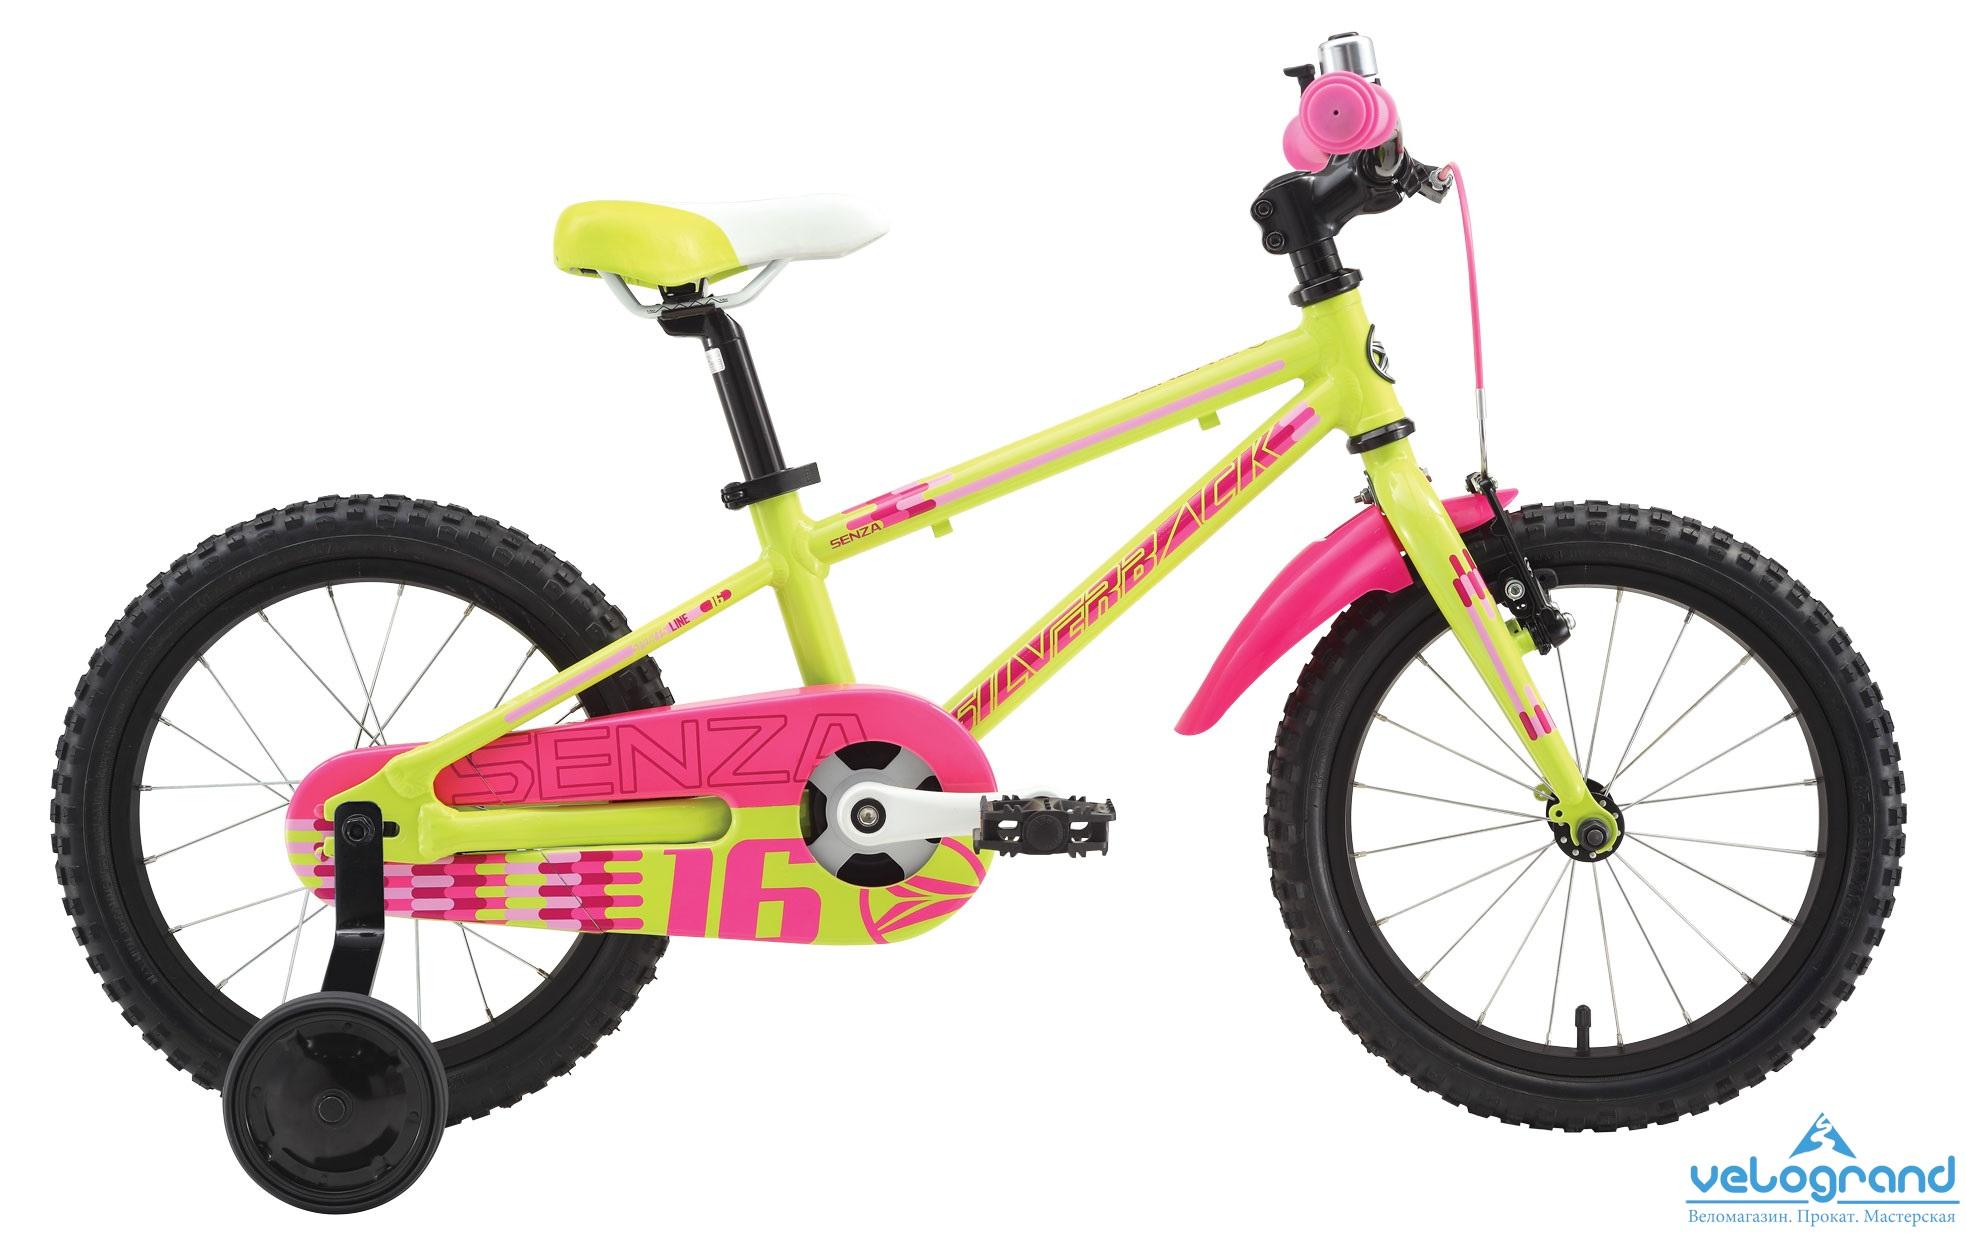 Детский велосипед Silverback Senza 16 (2015), Цвет Розово-Голубой